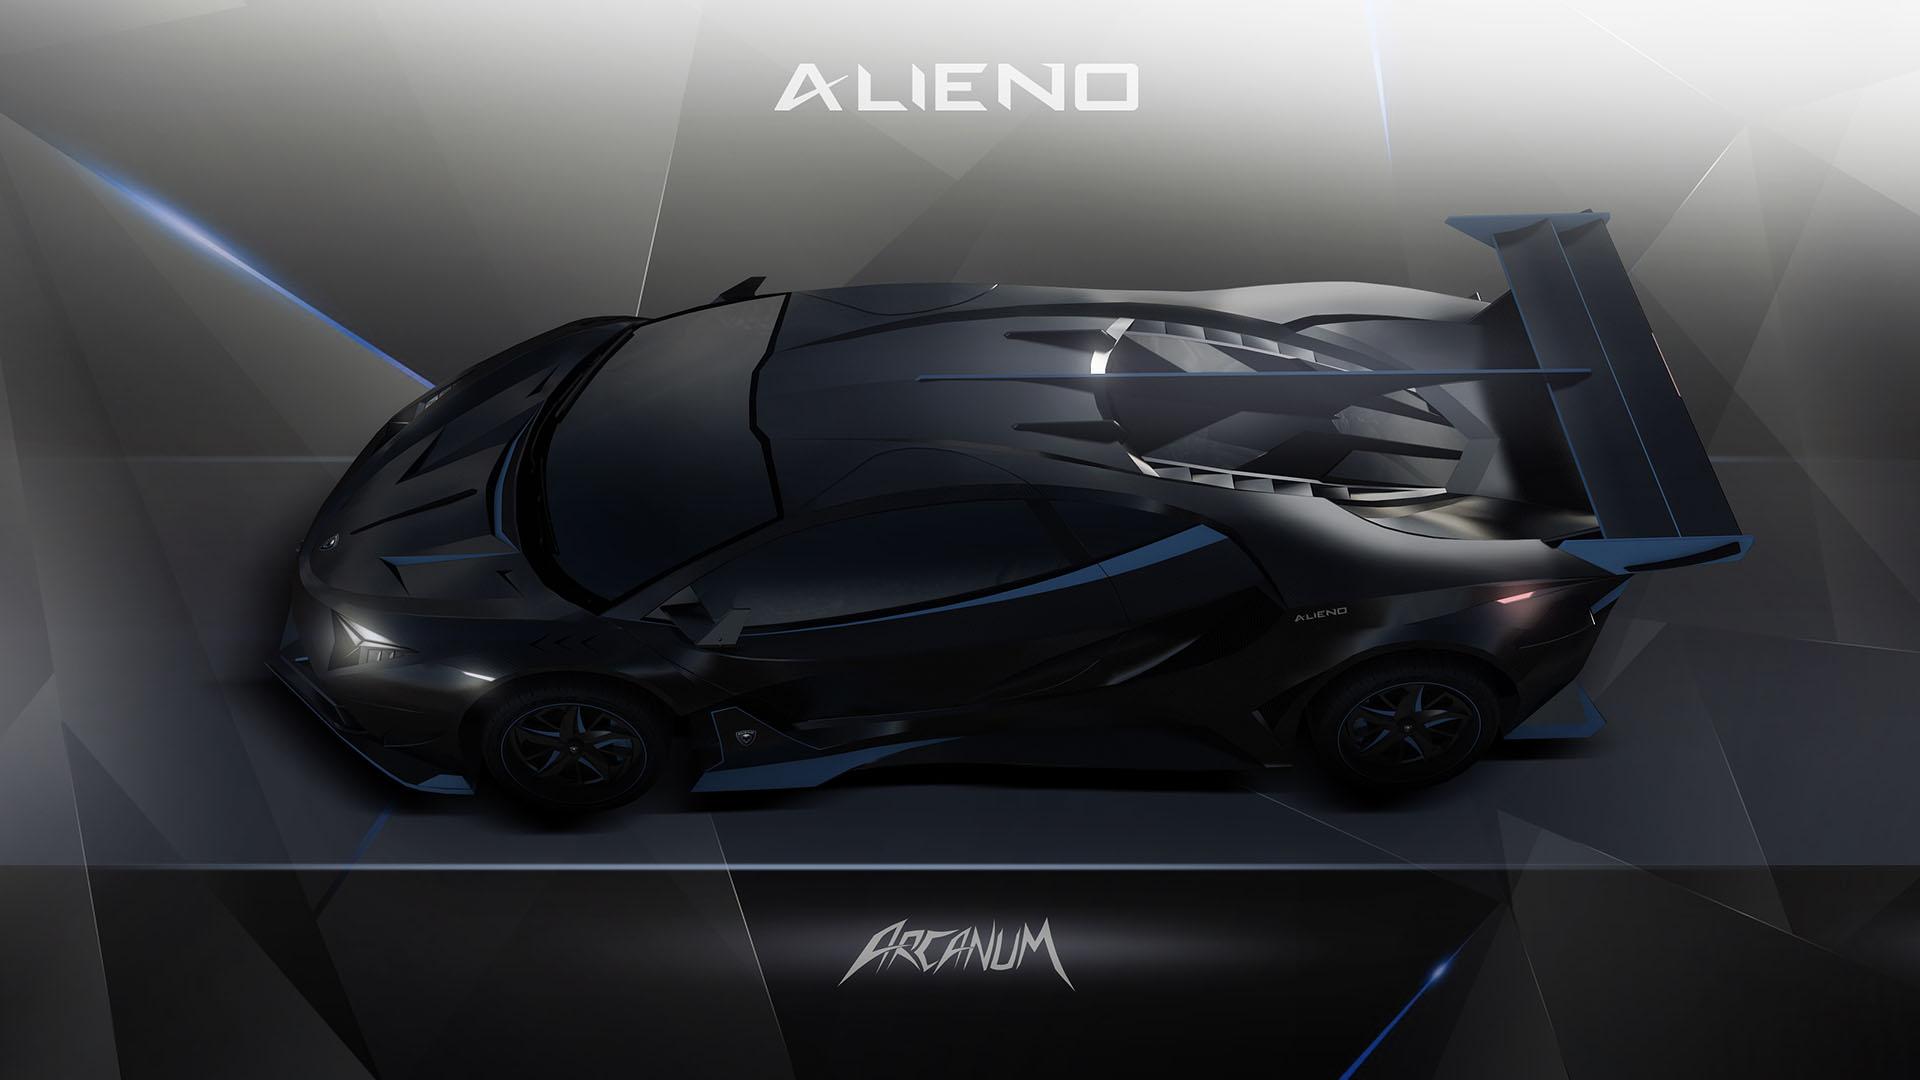 Alieno-Arcanum-42